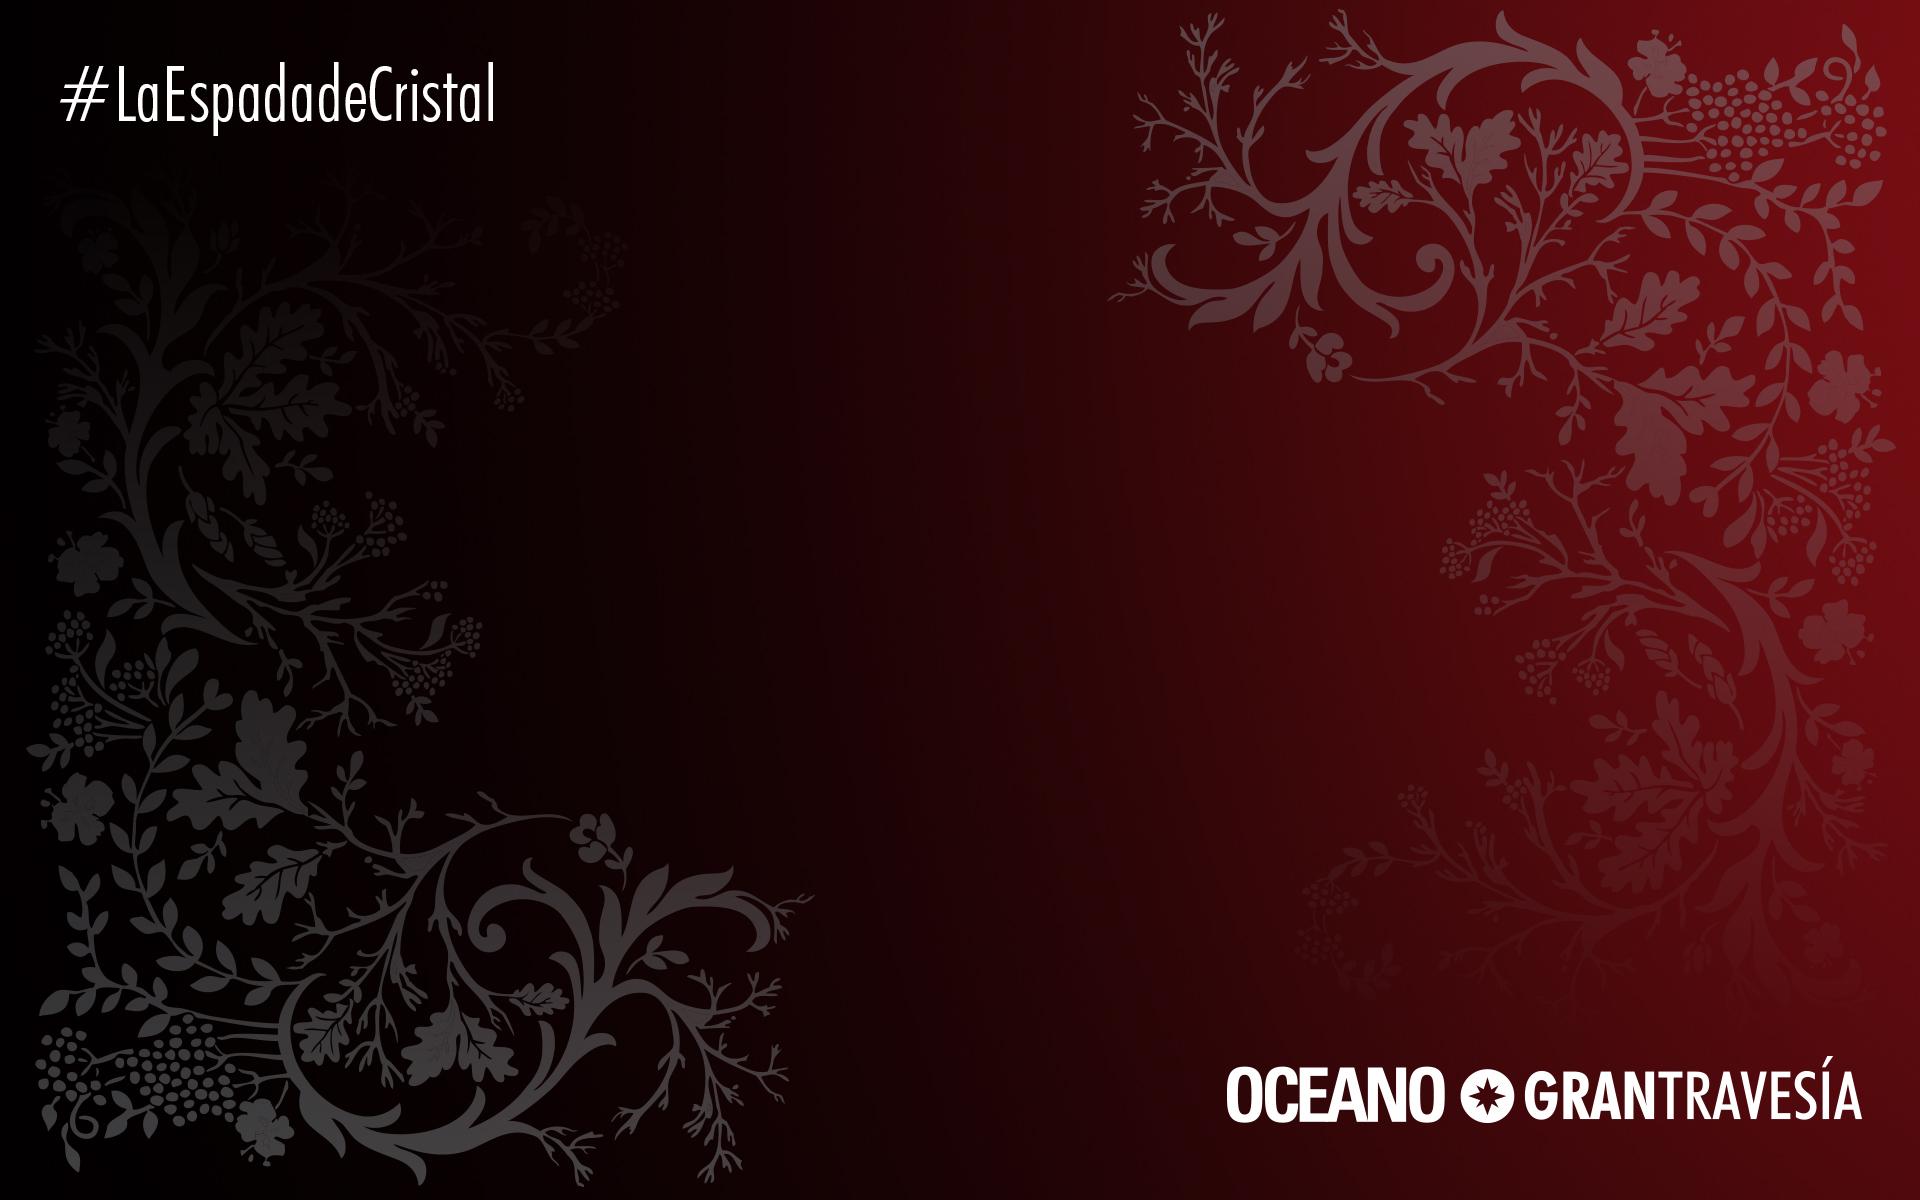 La Reina Roja La Novela Juvenil Ms Esperada Del Ao